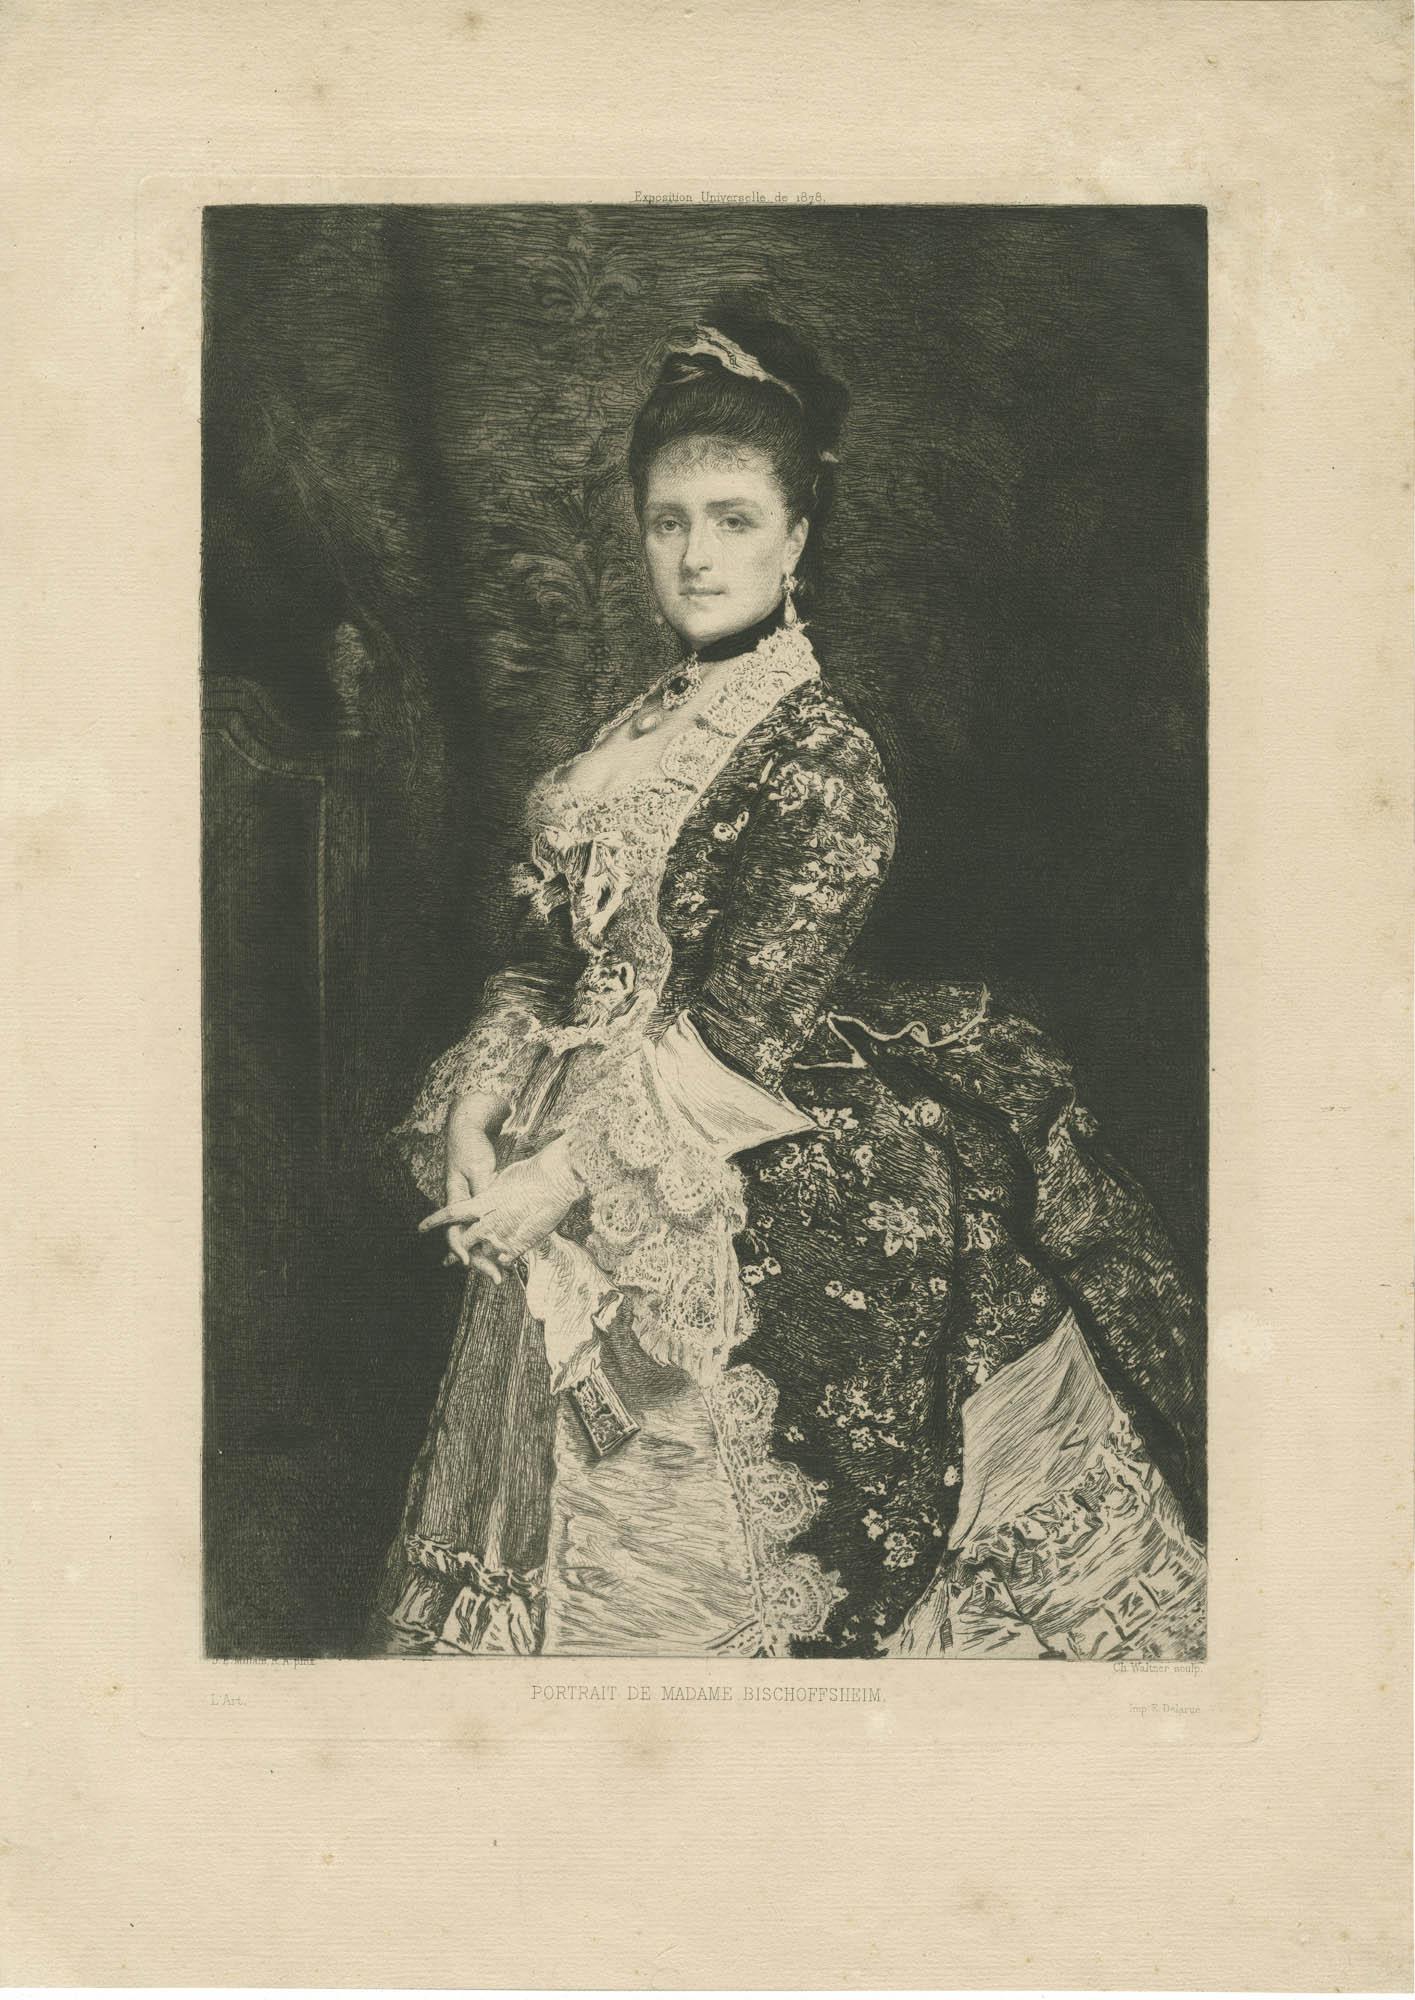 Portrait de Madame Bischoffsheim